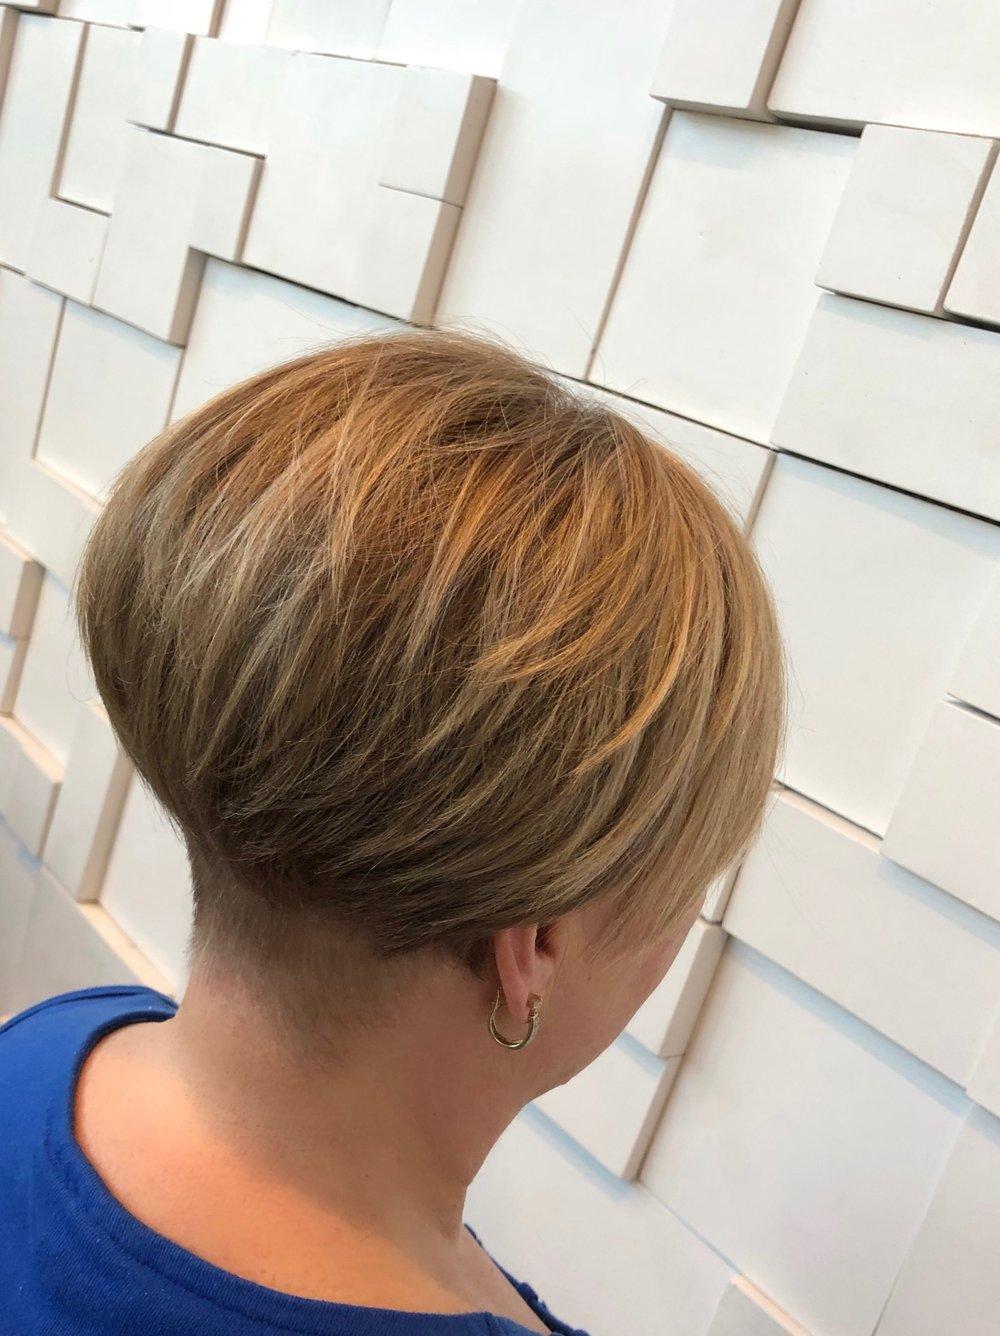 undercut hair cut dallas tx.jpeg